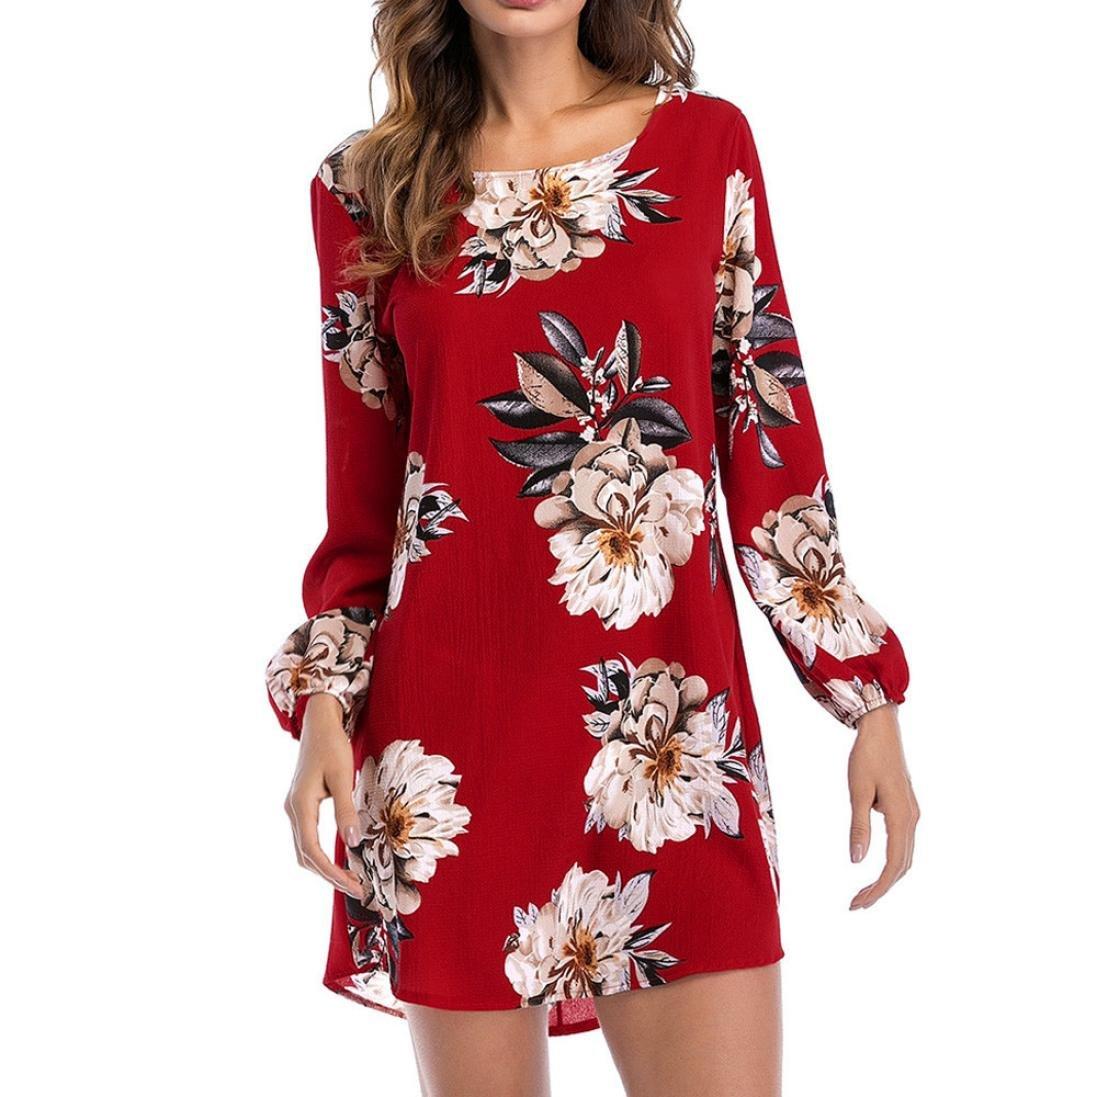 ❤️ 50er Vintage Retro Kleid , ❤️ Damen Party Club Kleider Pinup Vintage Bodycon Kleid | ❤️ Schulter Faltenrock | Damen AbendKleid Maxikleid | Kleidung Unter 10 Euro | Sommerkleid